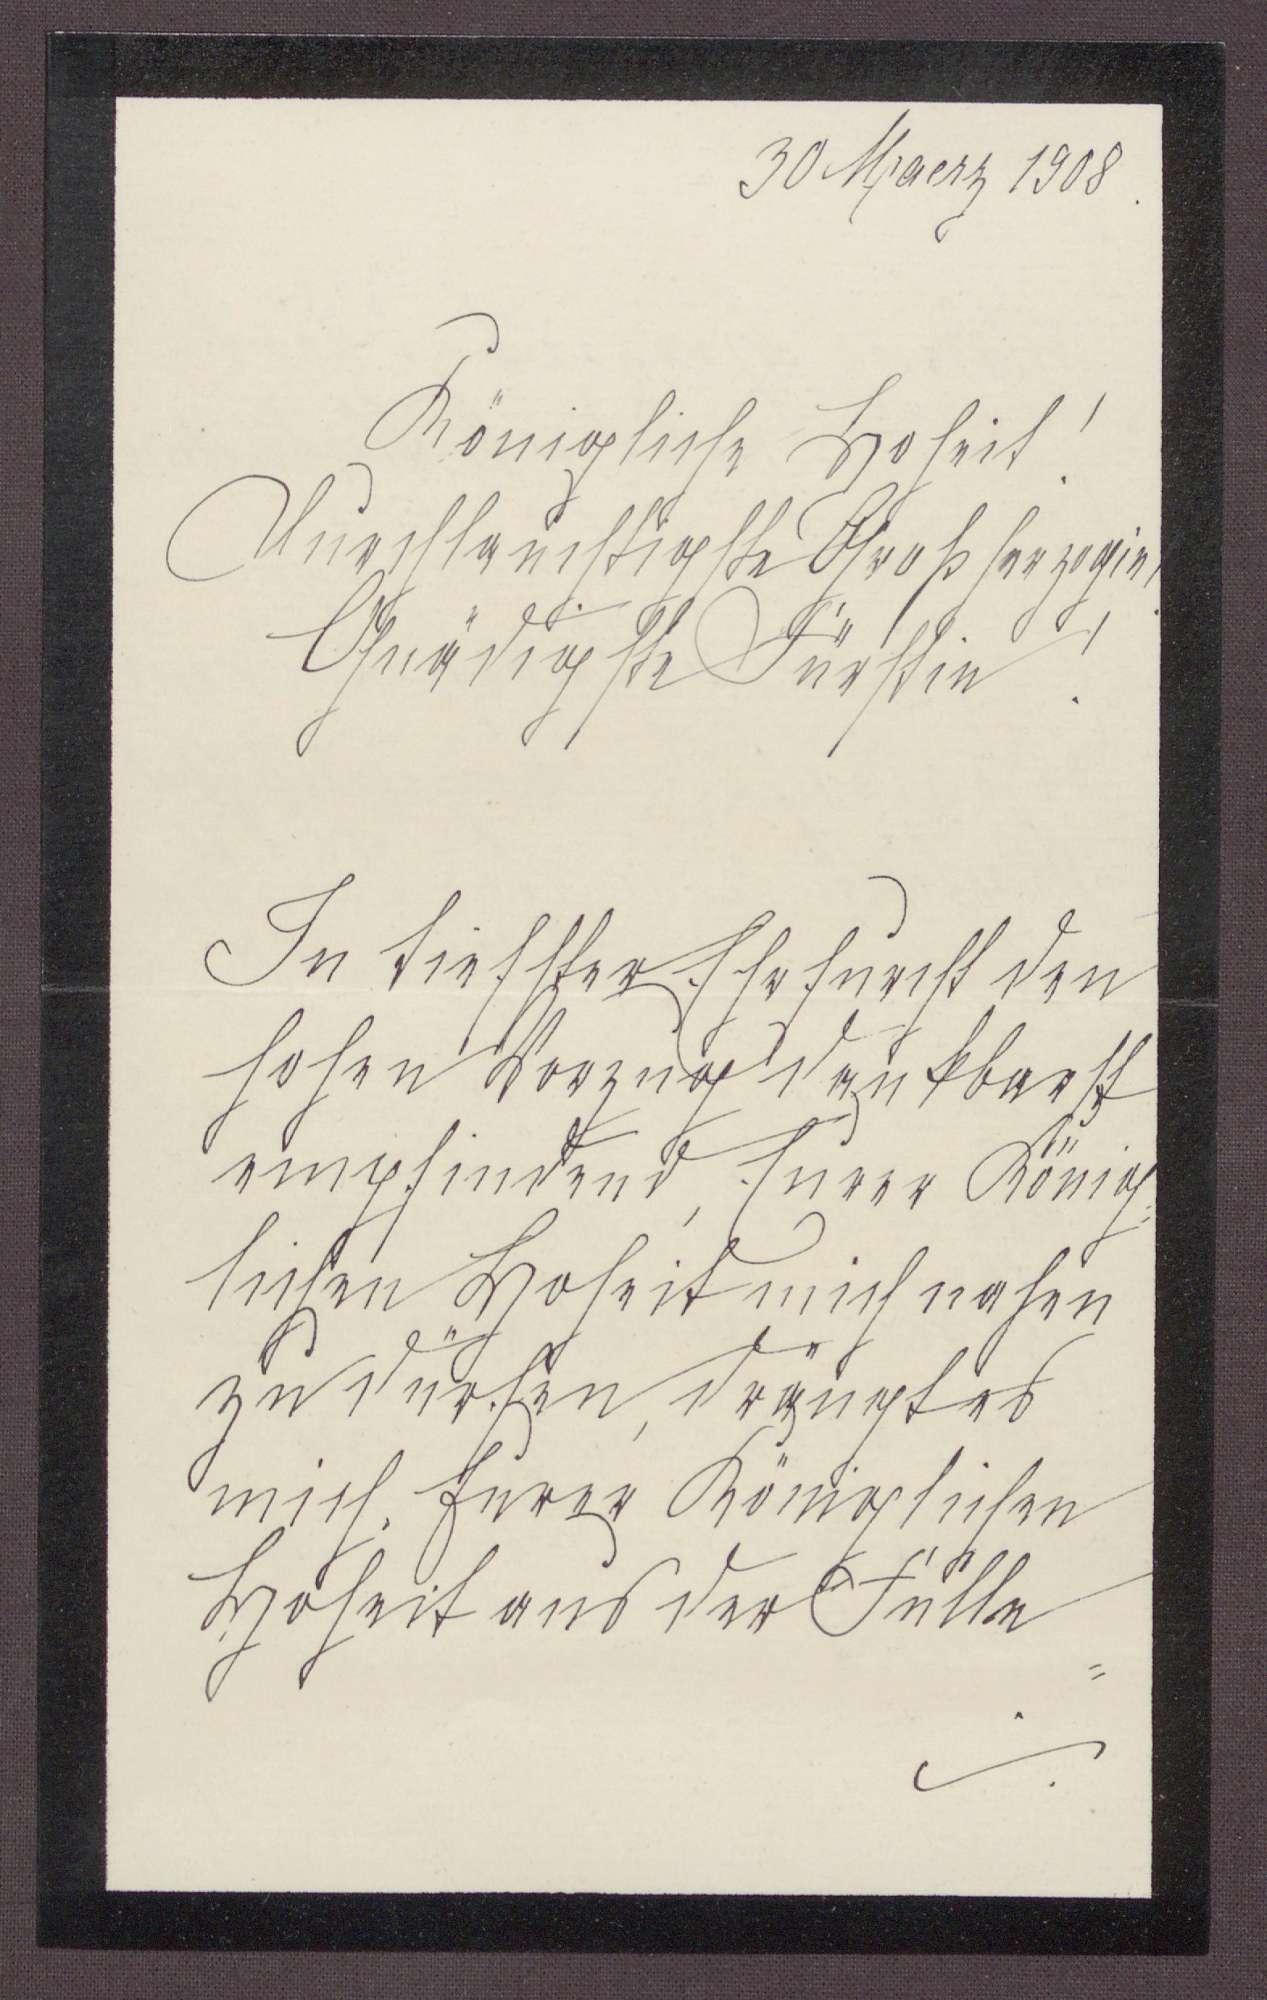 Schreiben von Anna Haas an die Großherzogin Luise; Dank an die Großherzogin für die Ehre, sie auf einer Reise begleiten zu dürfen, Bild 1